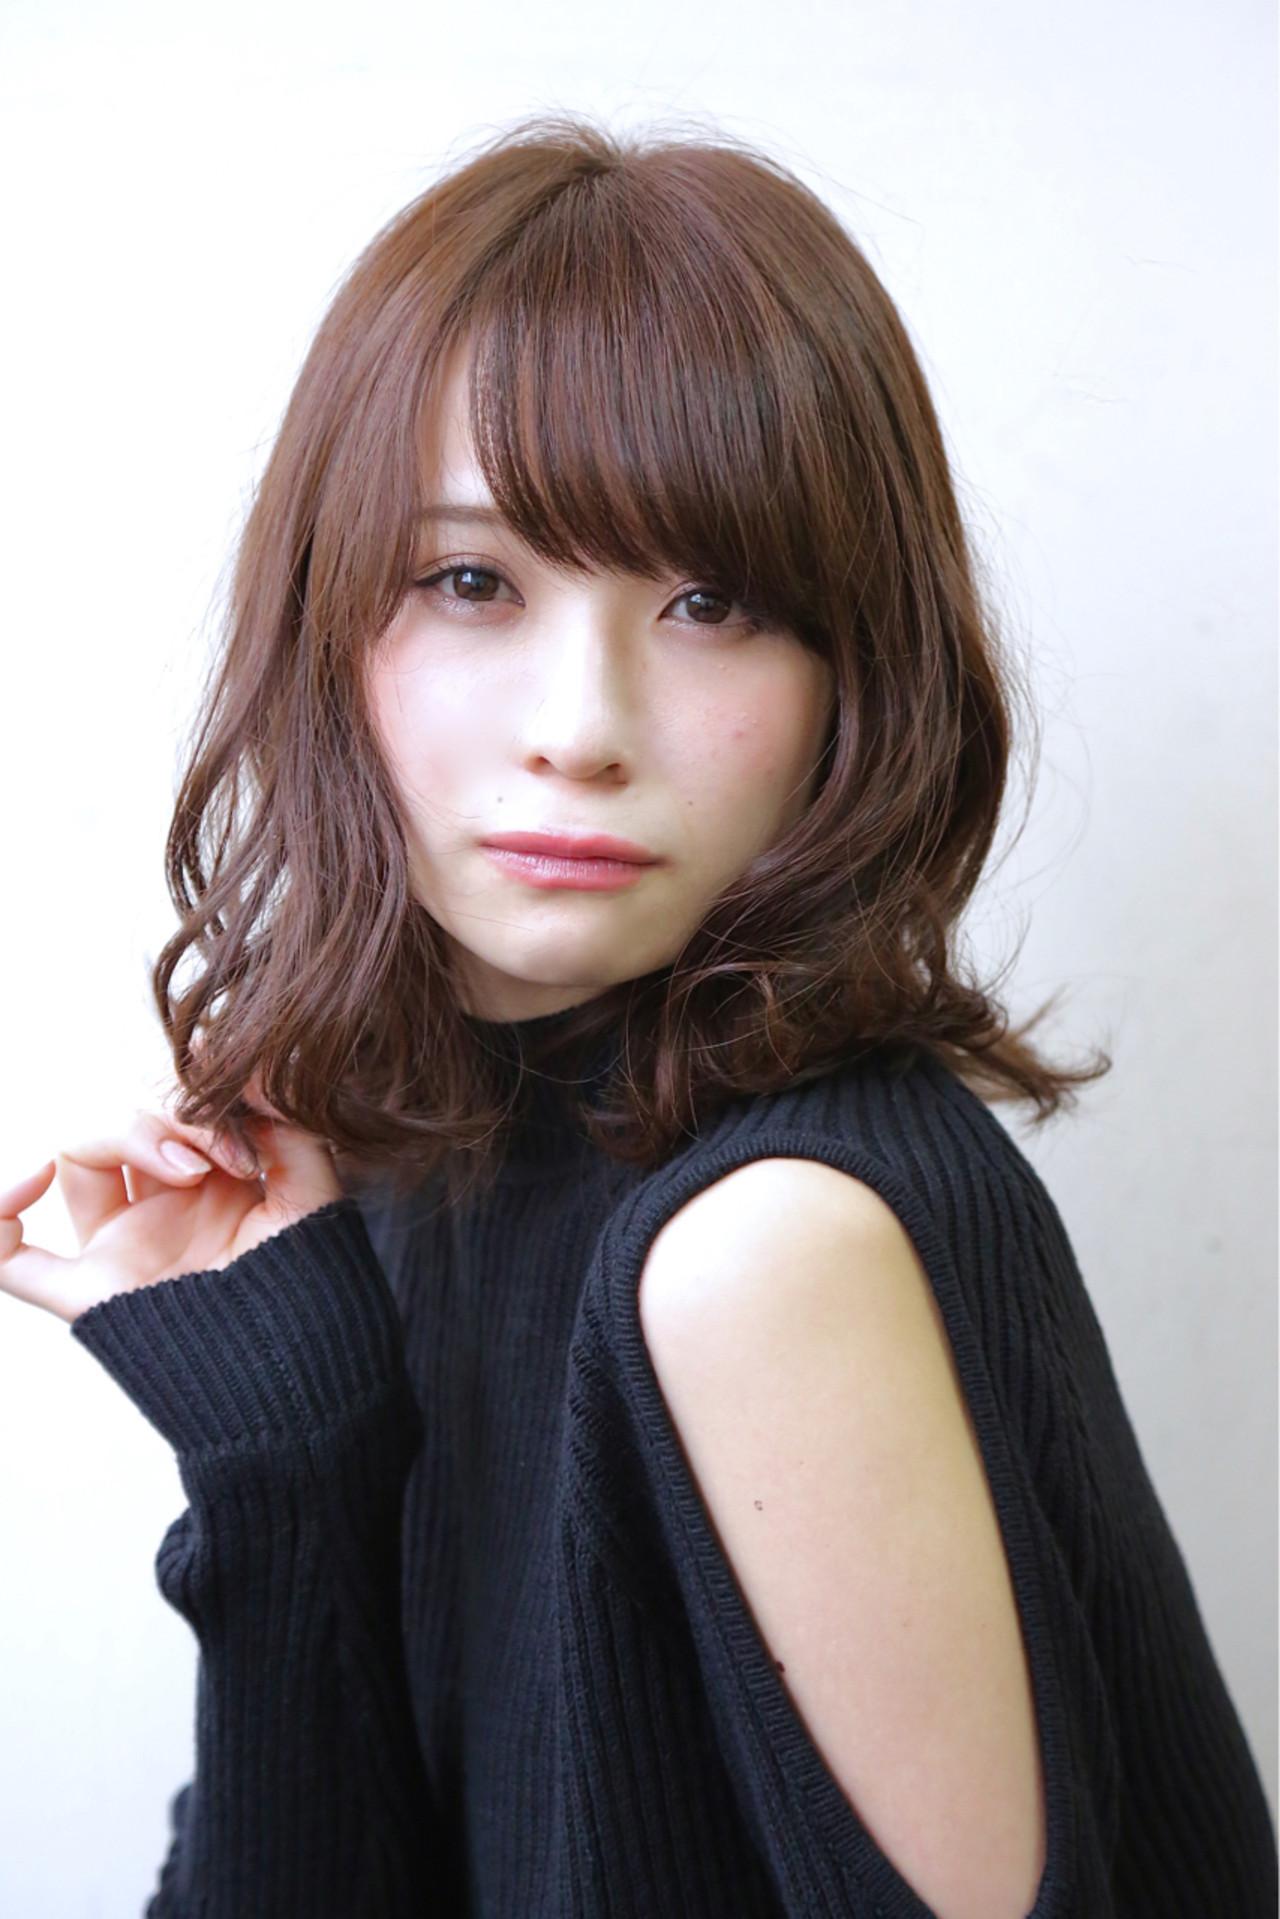 かわいいヘアスタイルまとめ♡今一番旬な女の子の髪型はこれ♪ Soleil